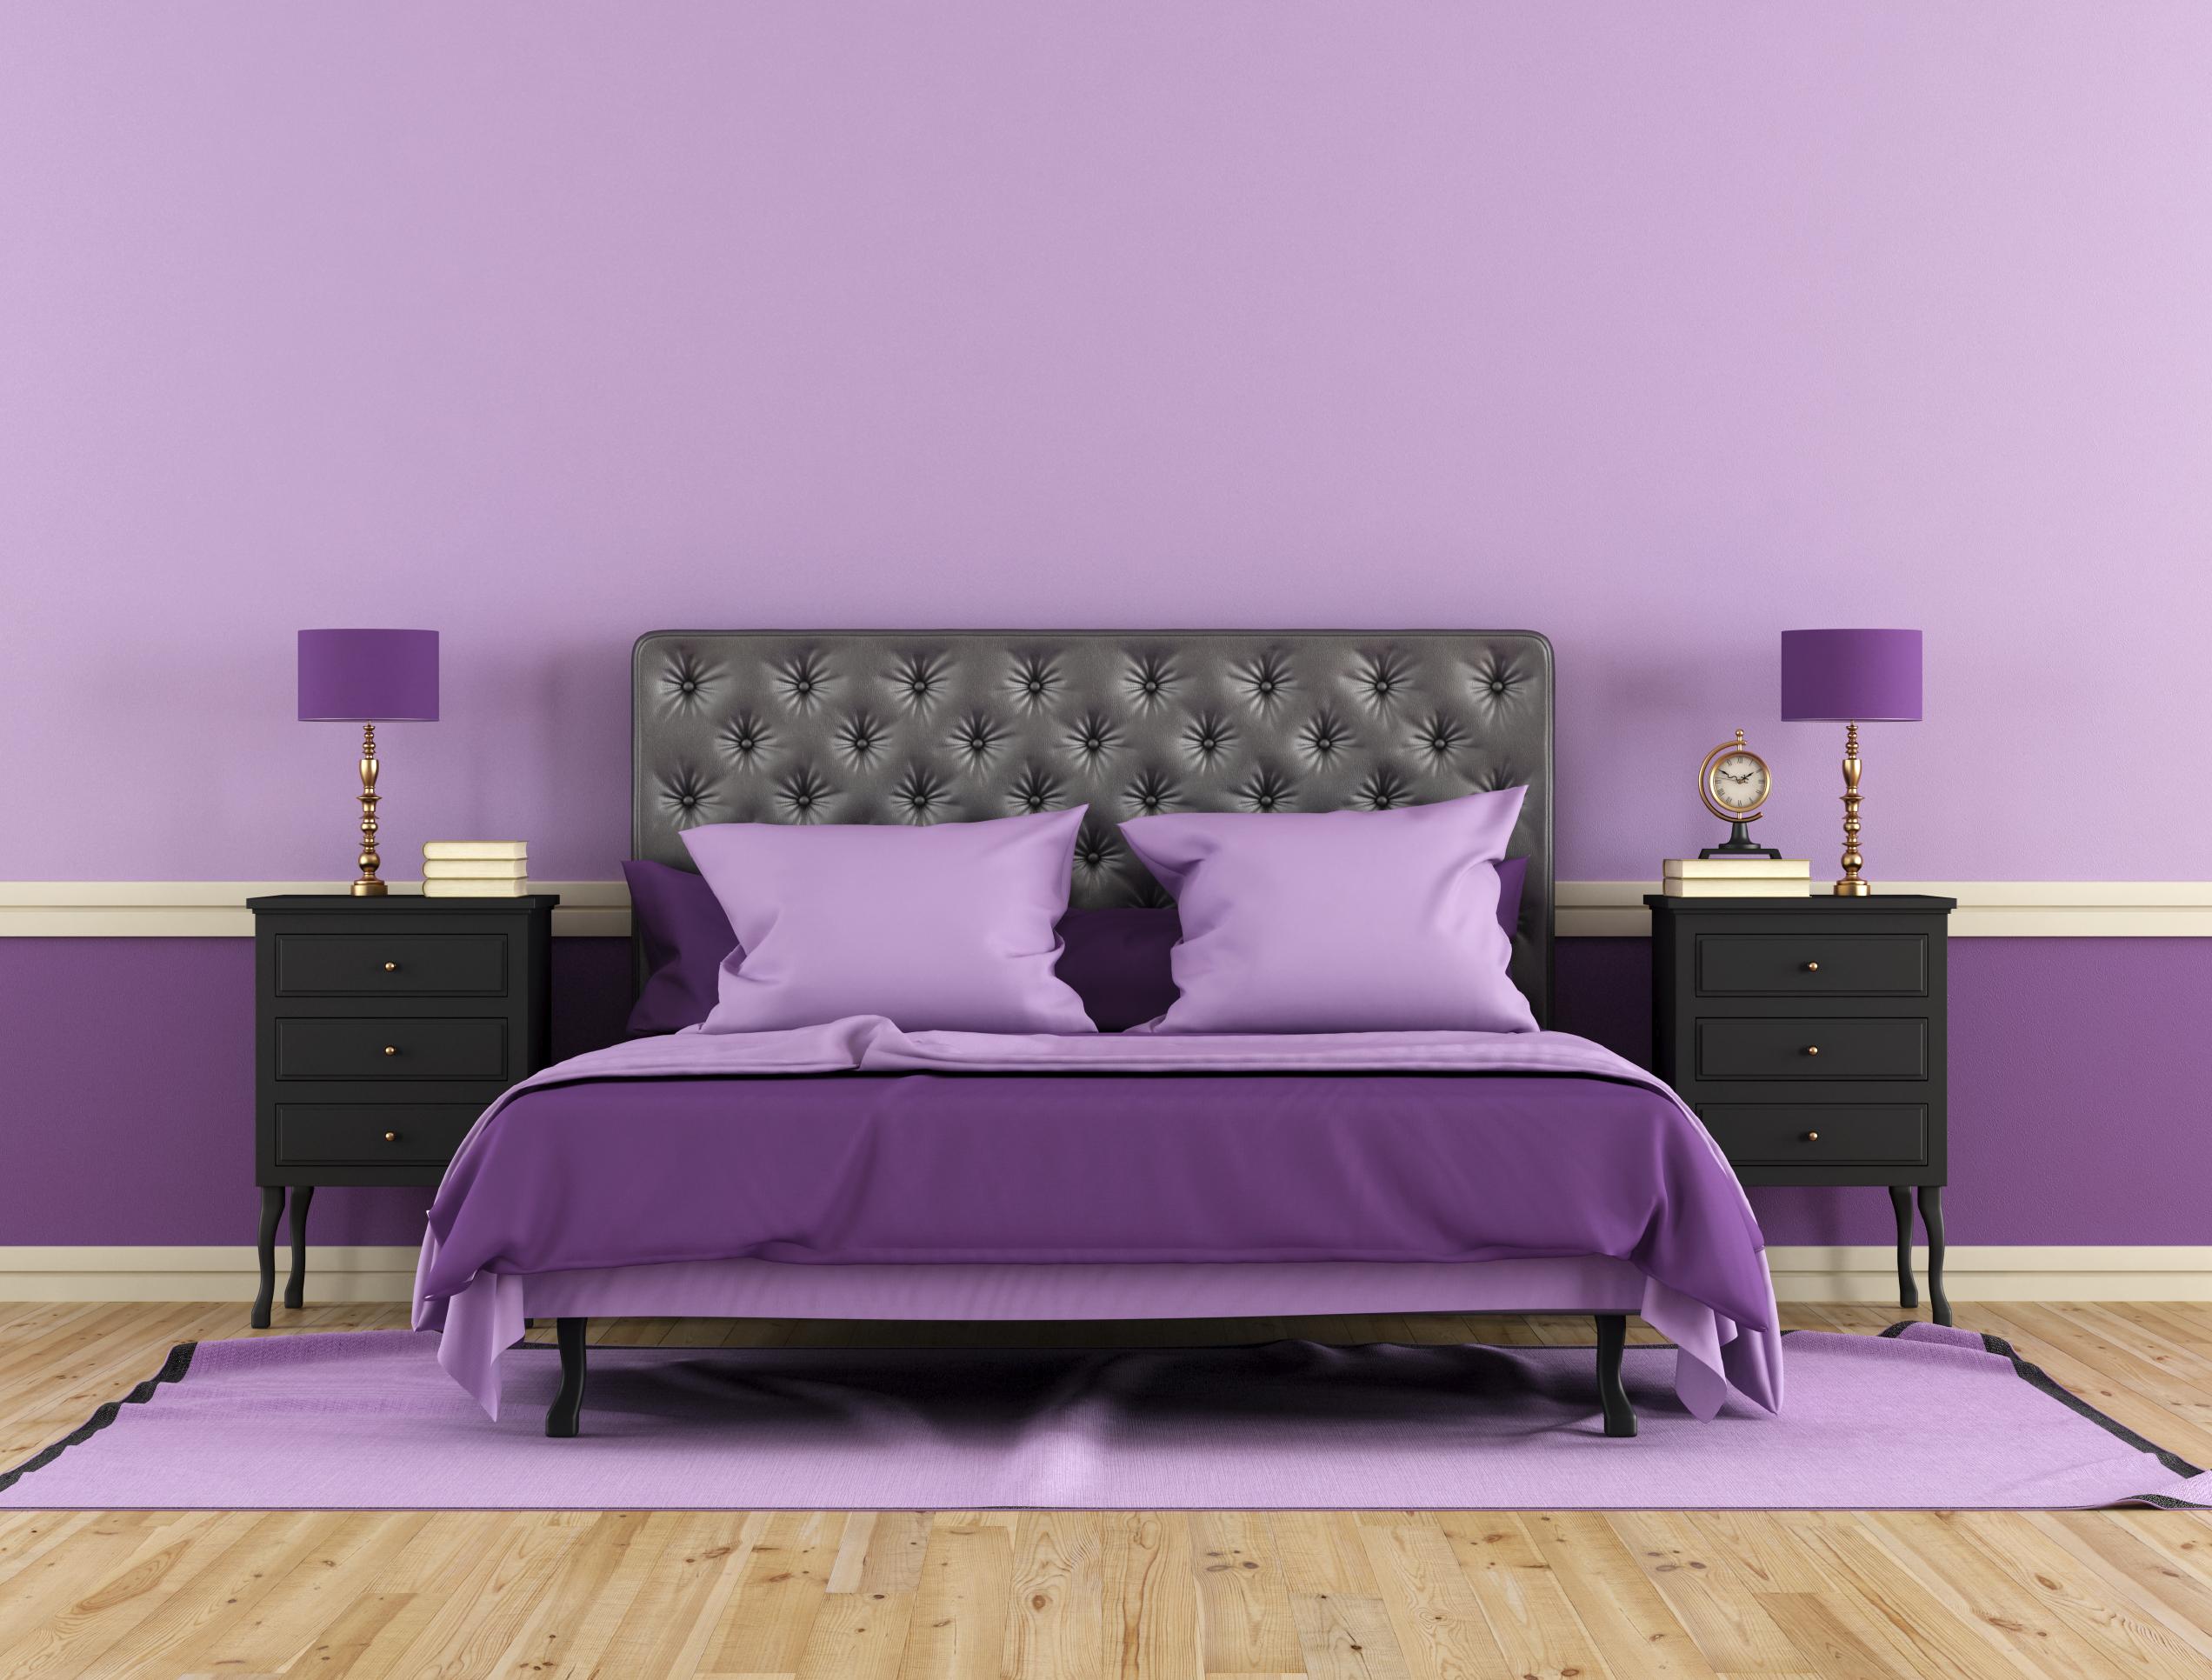 Wandfarbe im schlafzimmer  Die ideale Wandfarbe fürs Schlafzimmer | erdbeerlounge.de